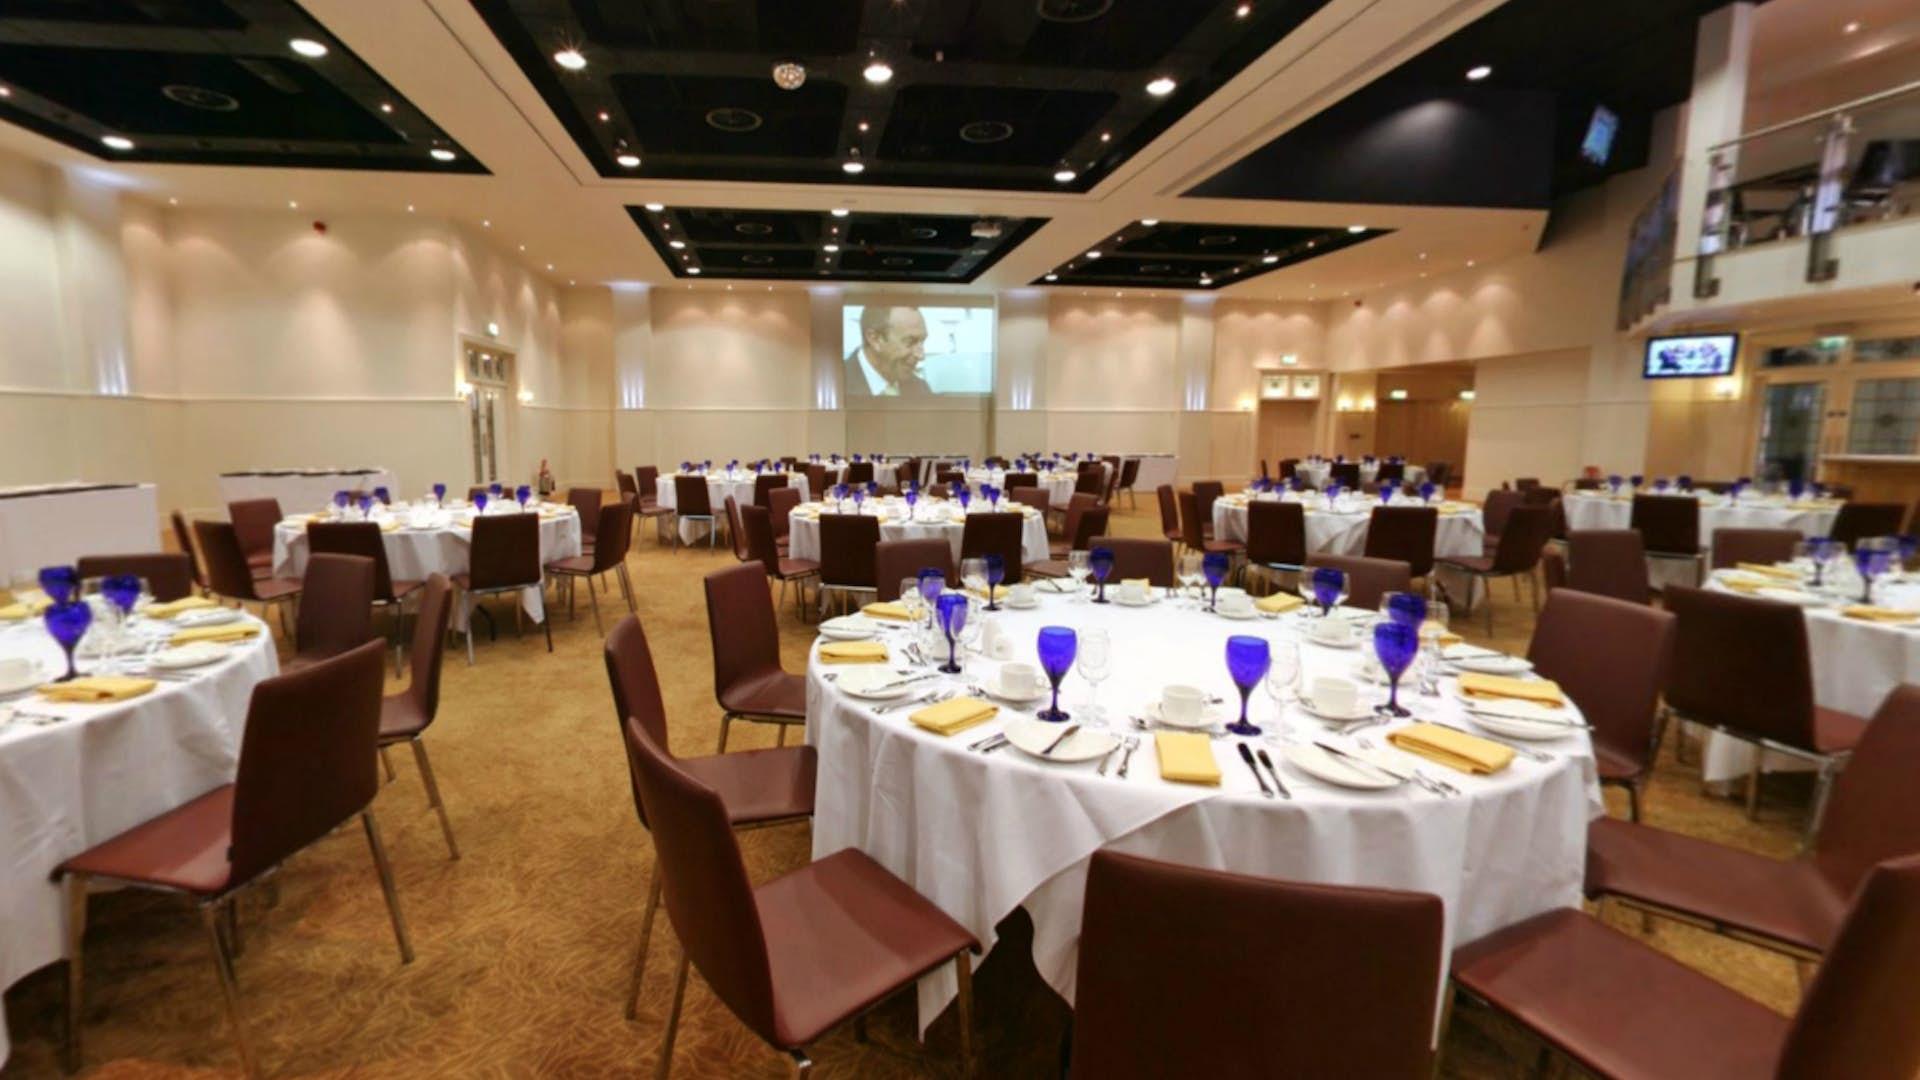 Aston Villa The Holte Suite